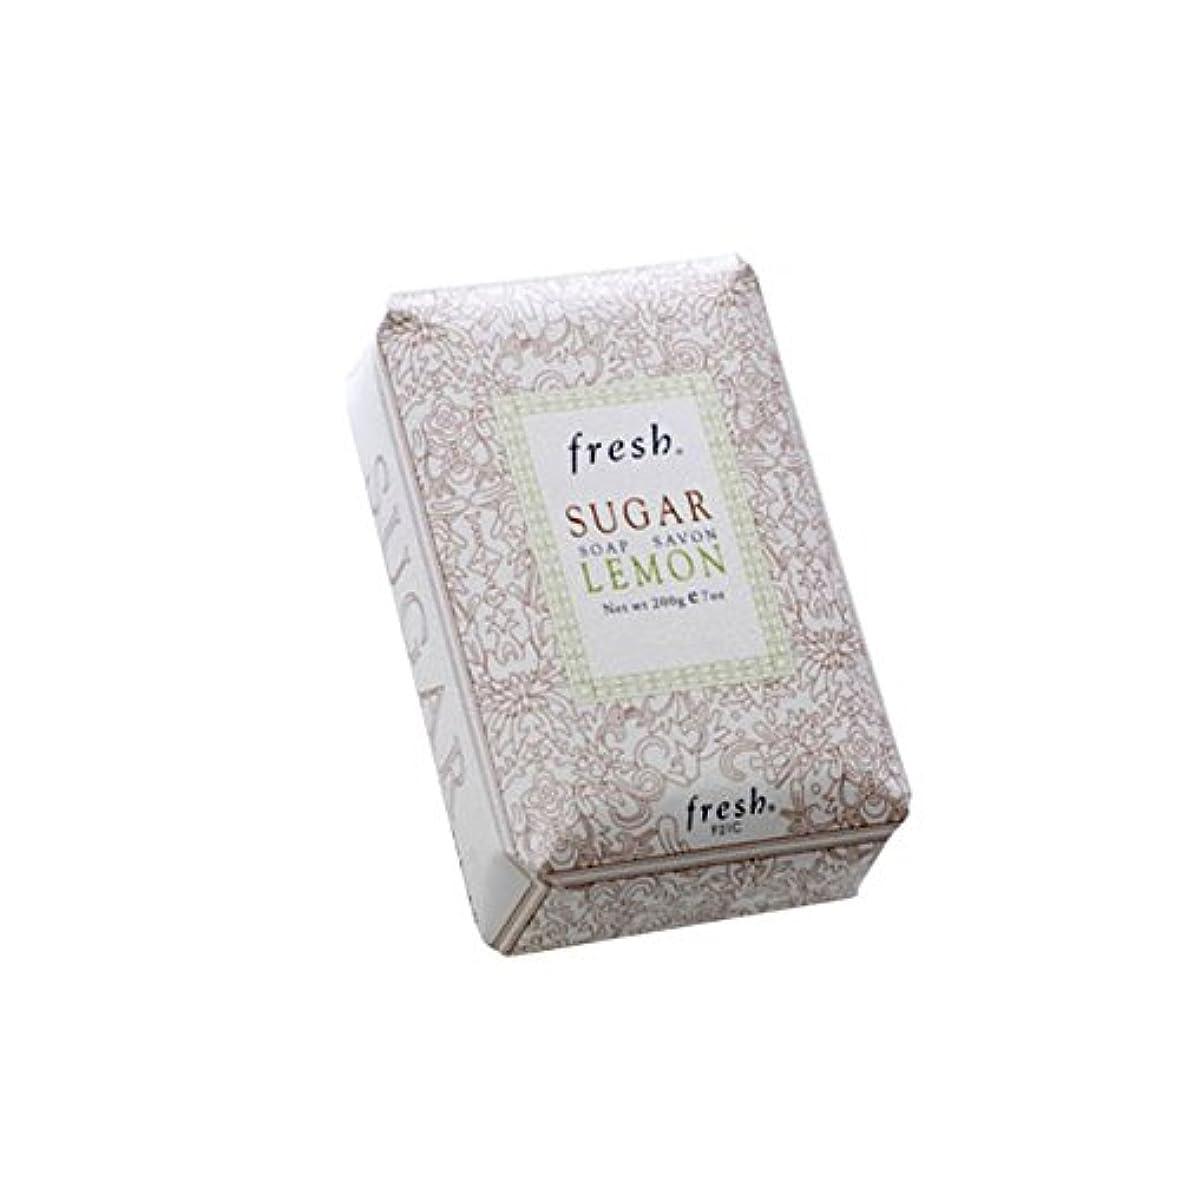 お嬢関係保険をかけるFreshフレッシュシュガーレモン石鹸 Sugar Lemon Soap, 200g/7oz [海外直送品] [並行輸入品]